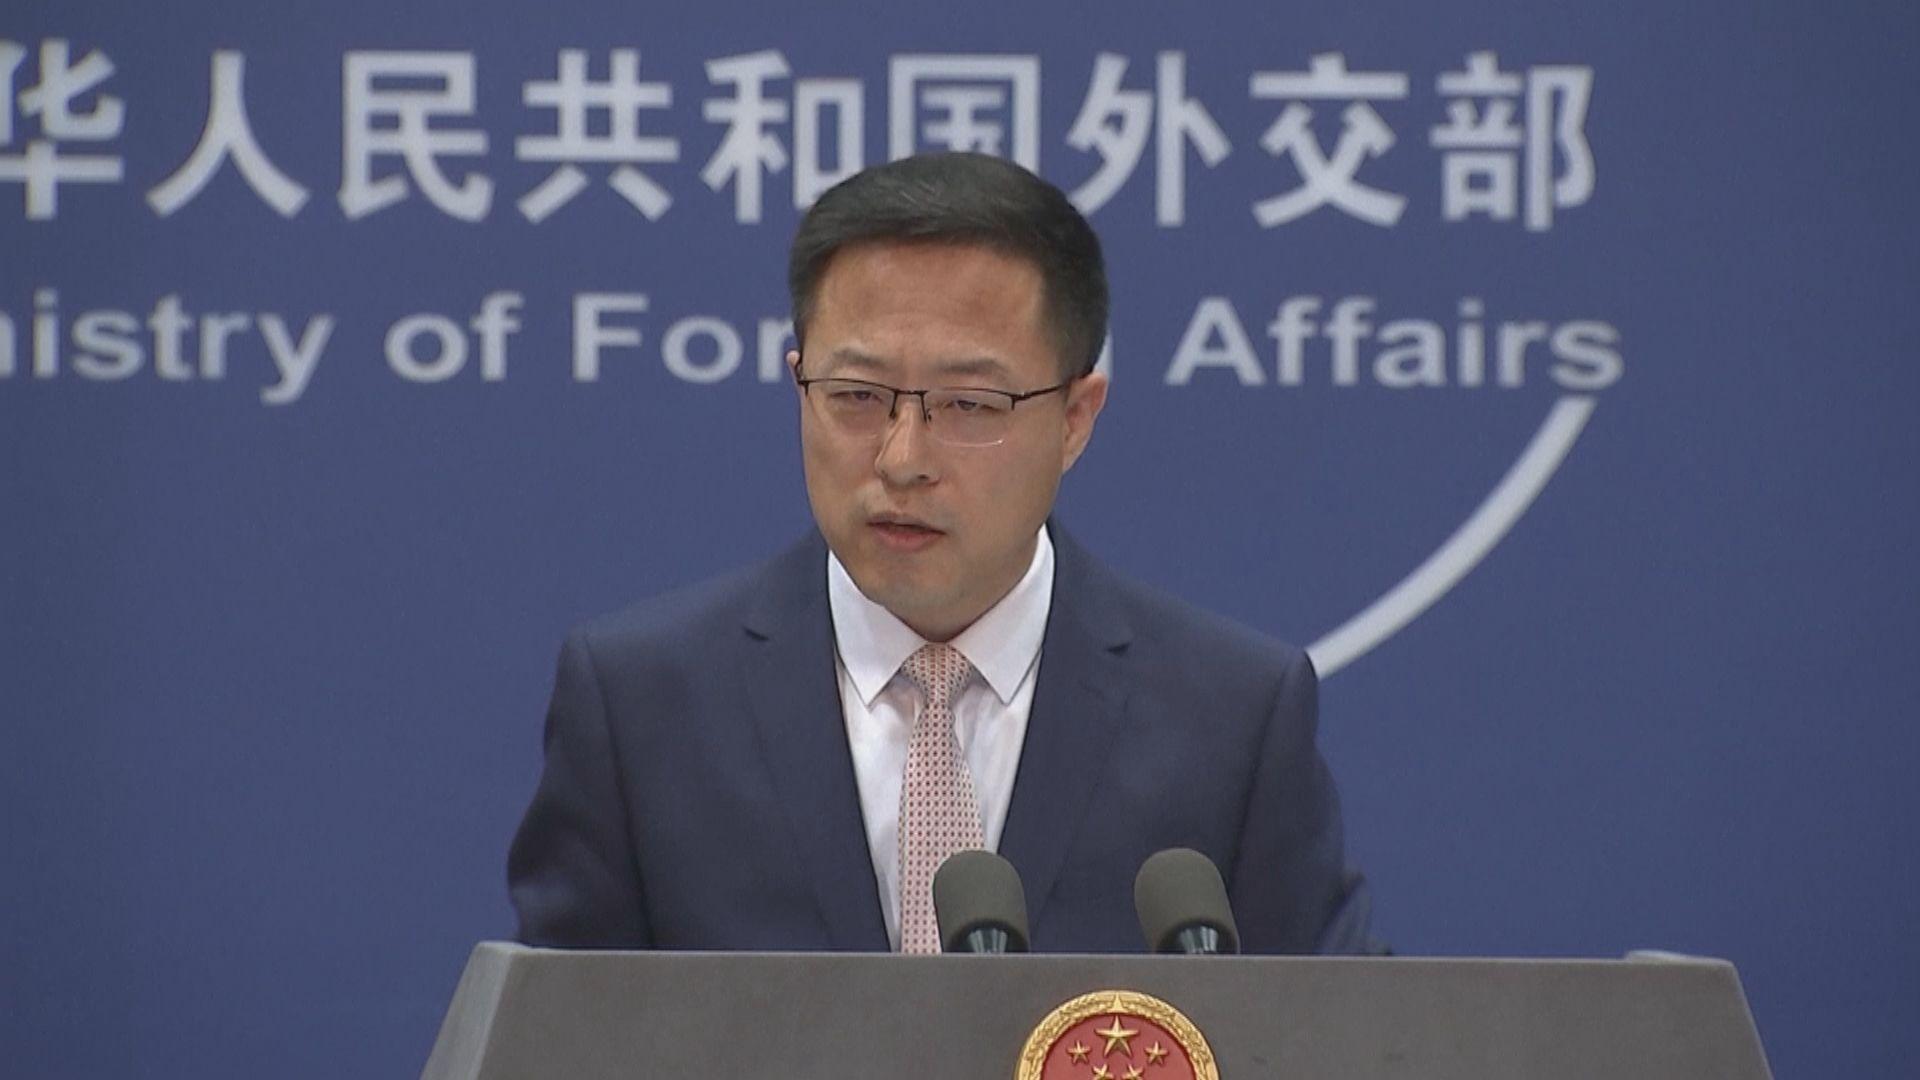 中方批評美方藉台灣問題干涉區內事務